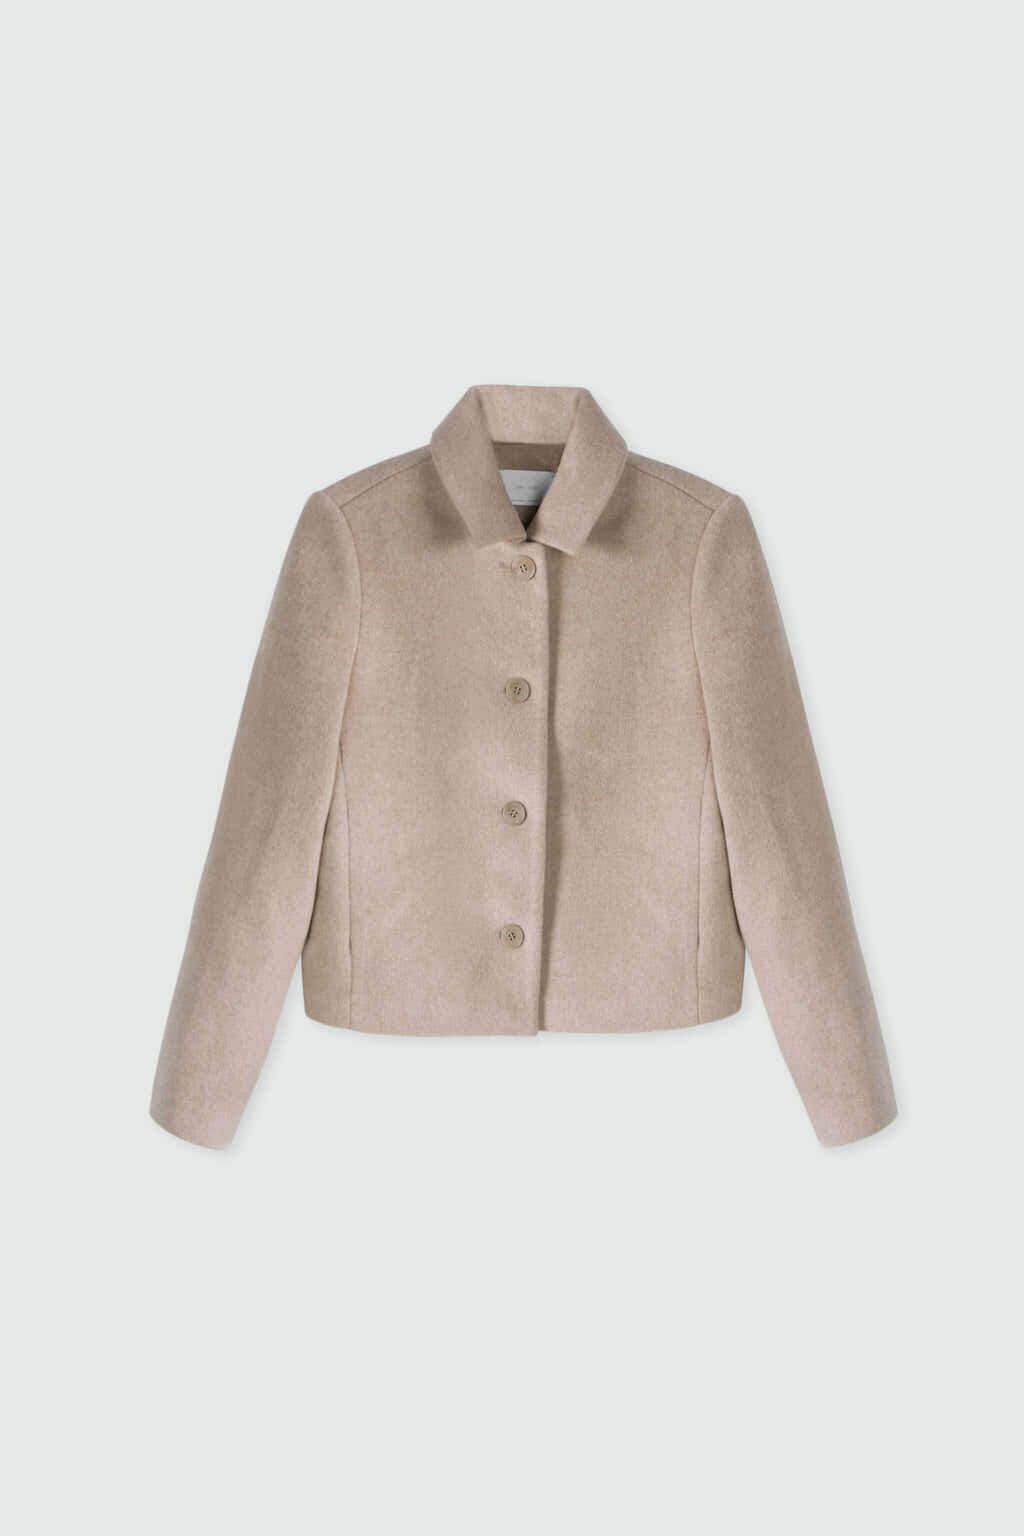 Jacket 2592 Oatmeal 2